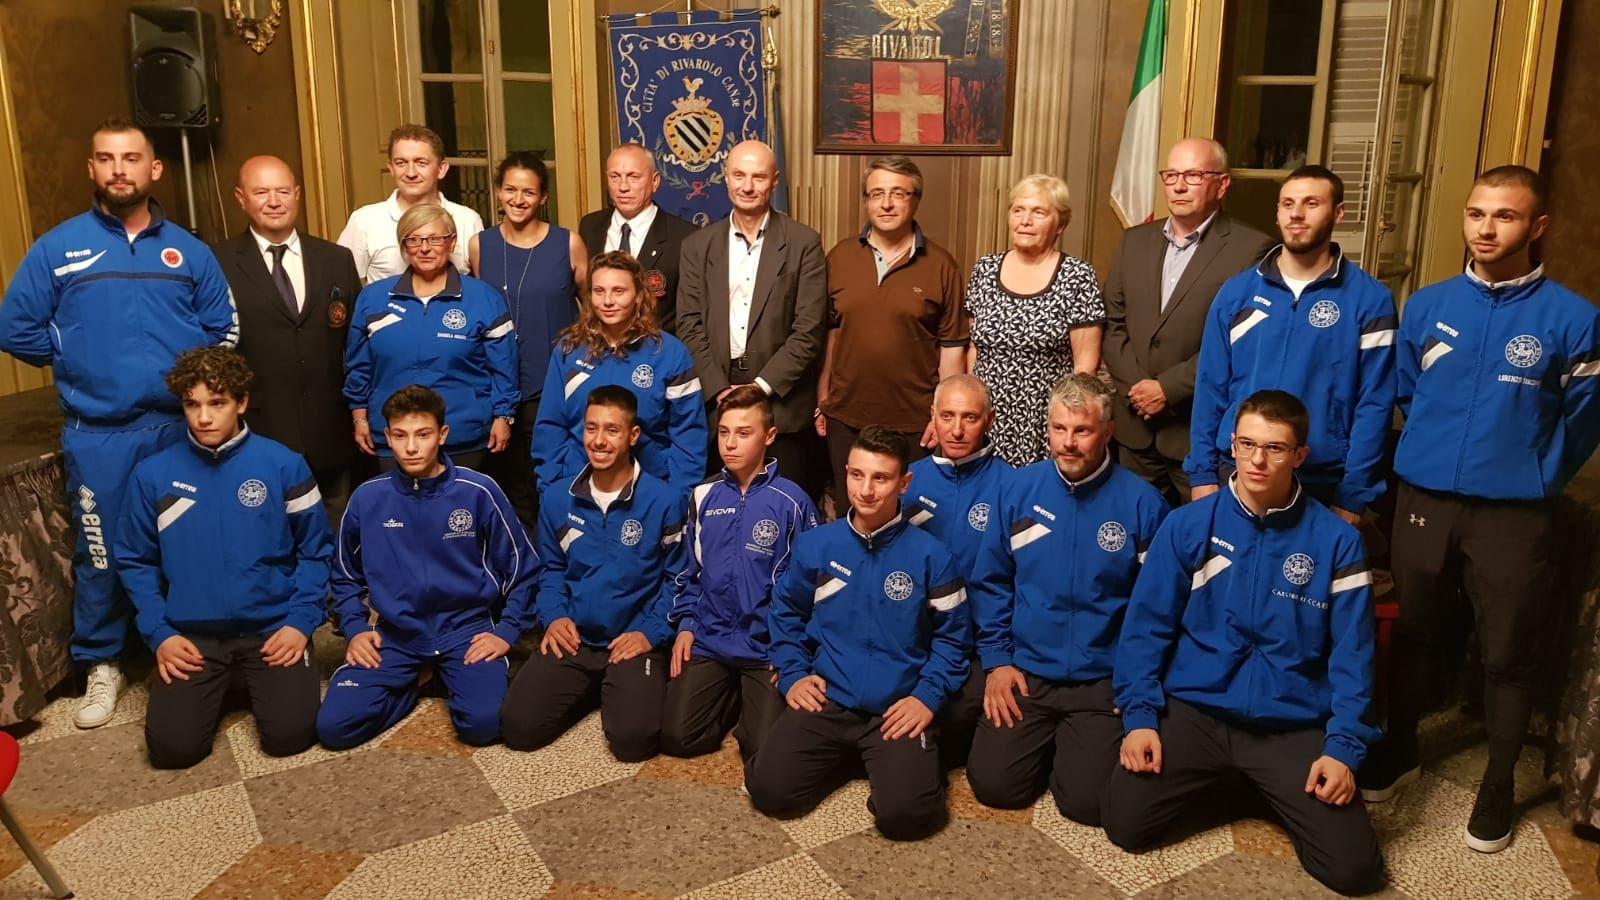 KARATE - L'Italia fa il tifo per i ragazzi della Rem Bu Kan di Rivarolo Canavese ai mondiali in Repubblica Ceca - FOTO